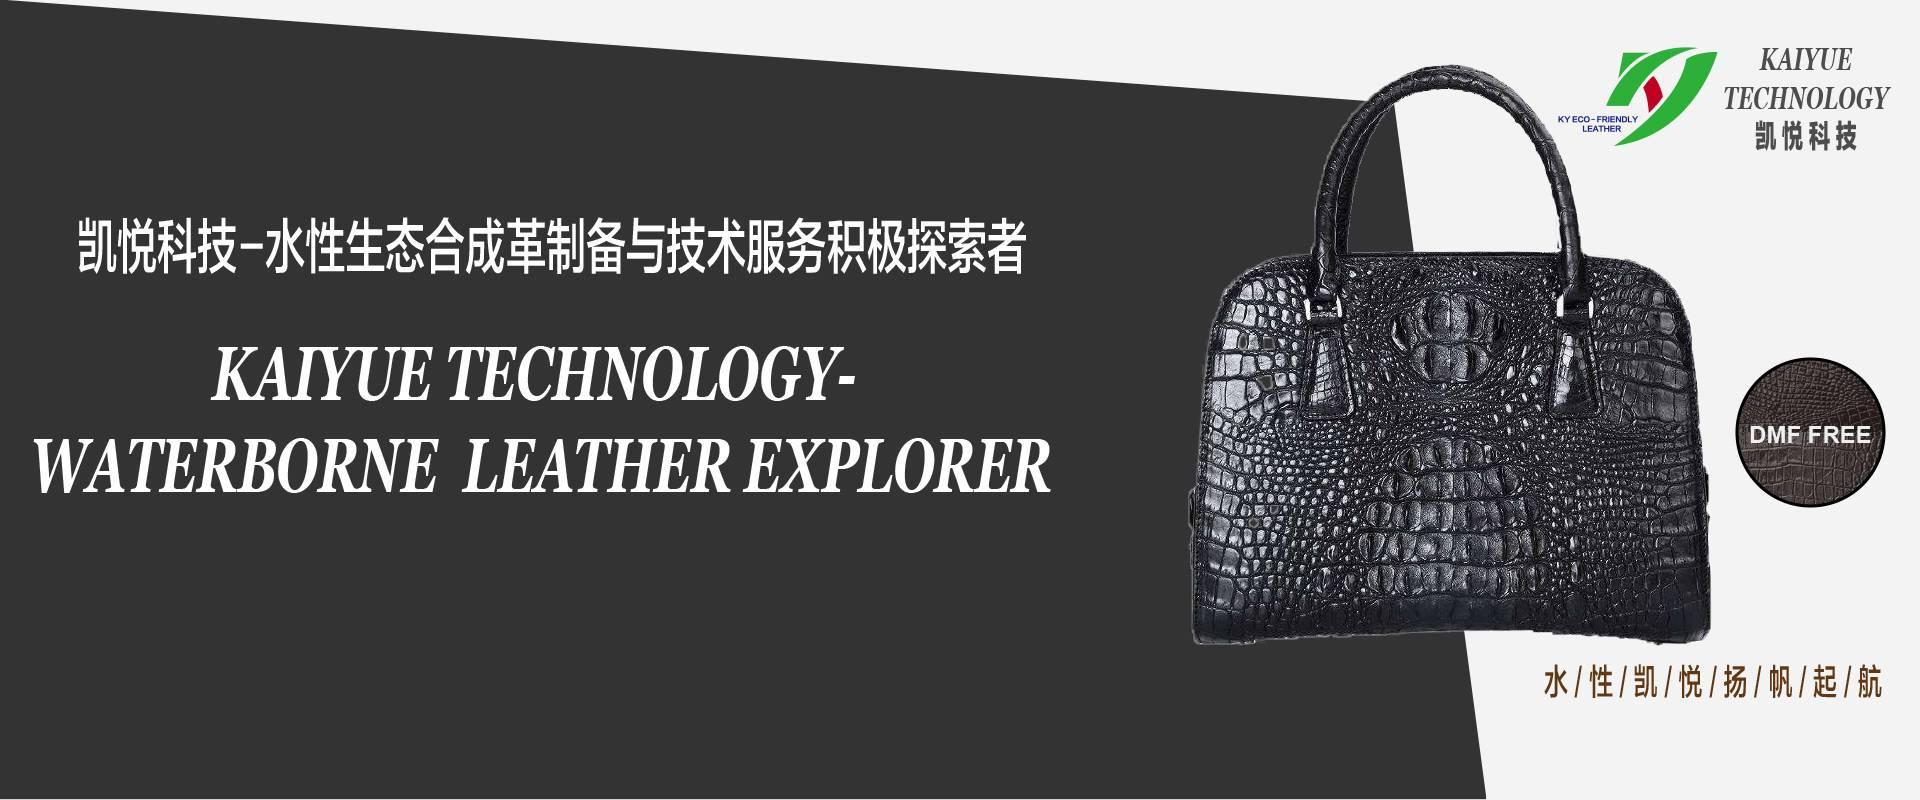 淮安凯悦科技水性合成革产品